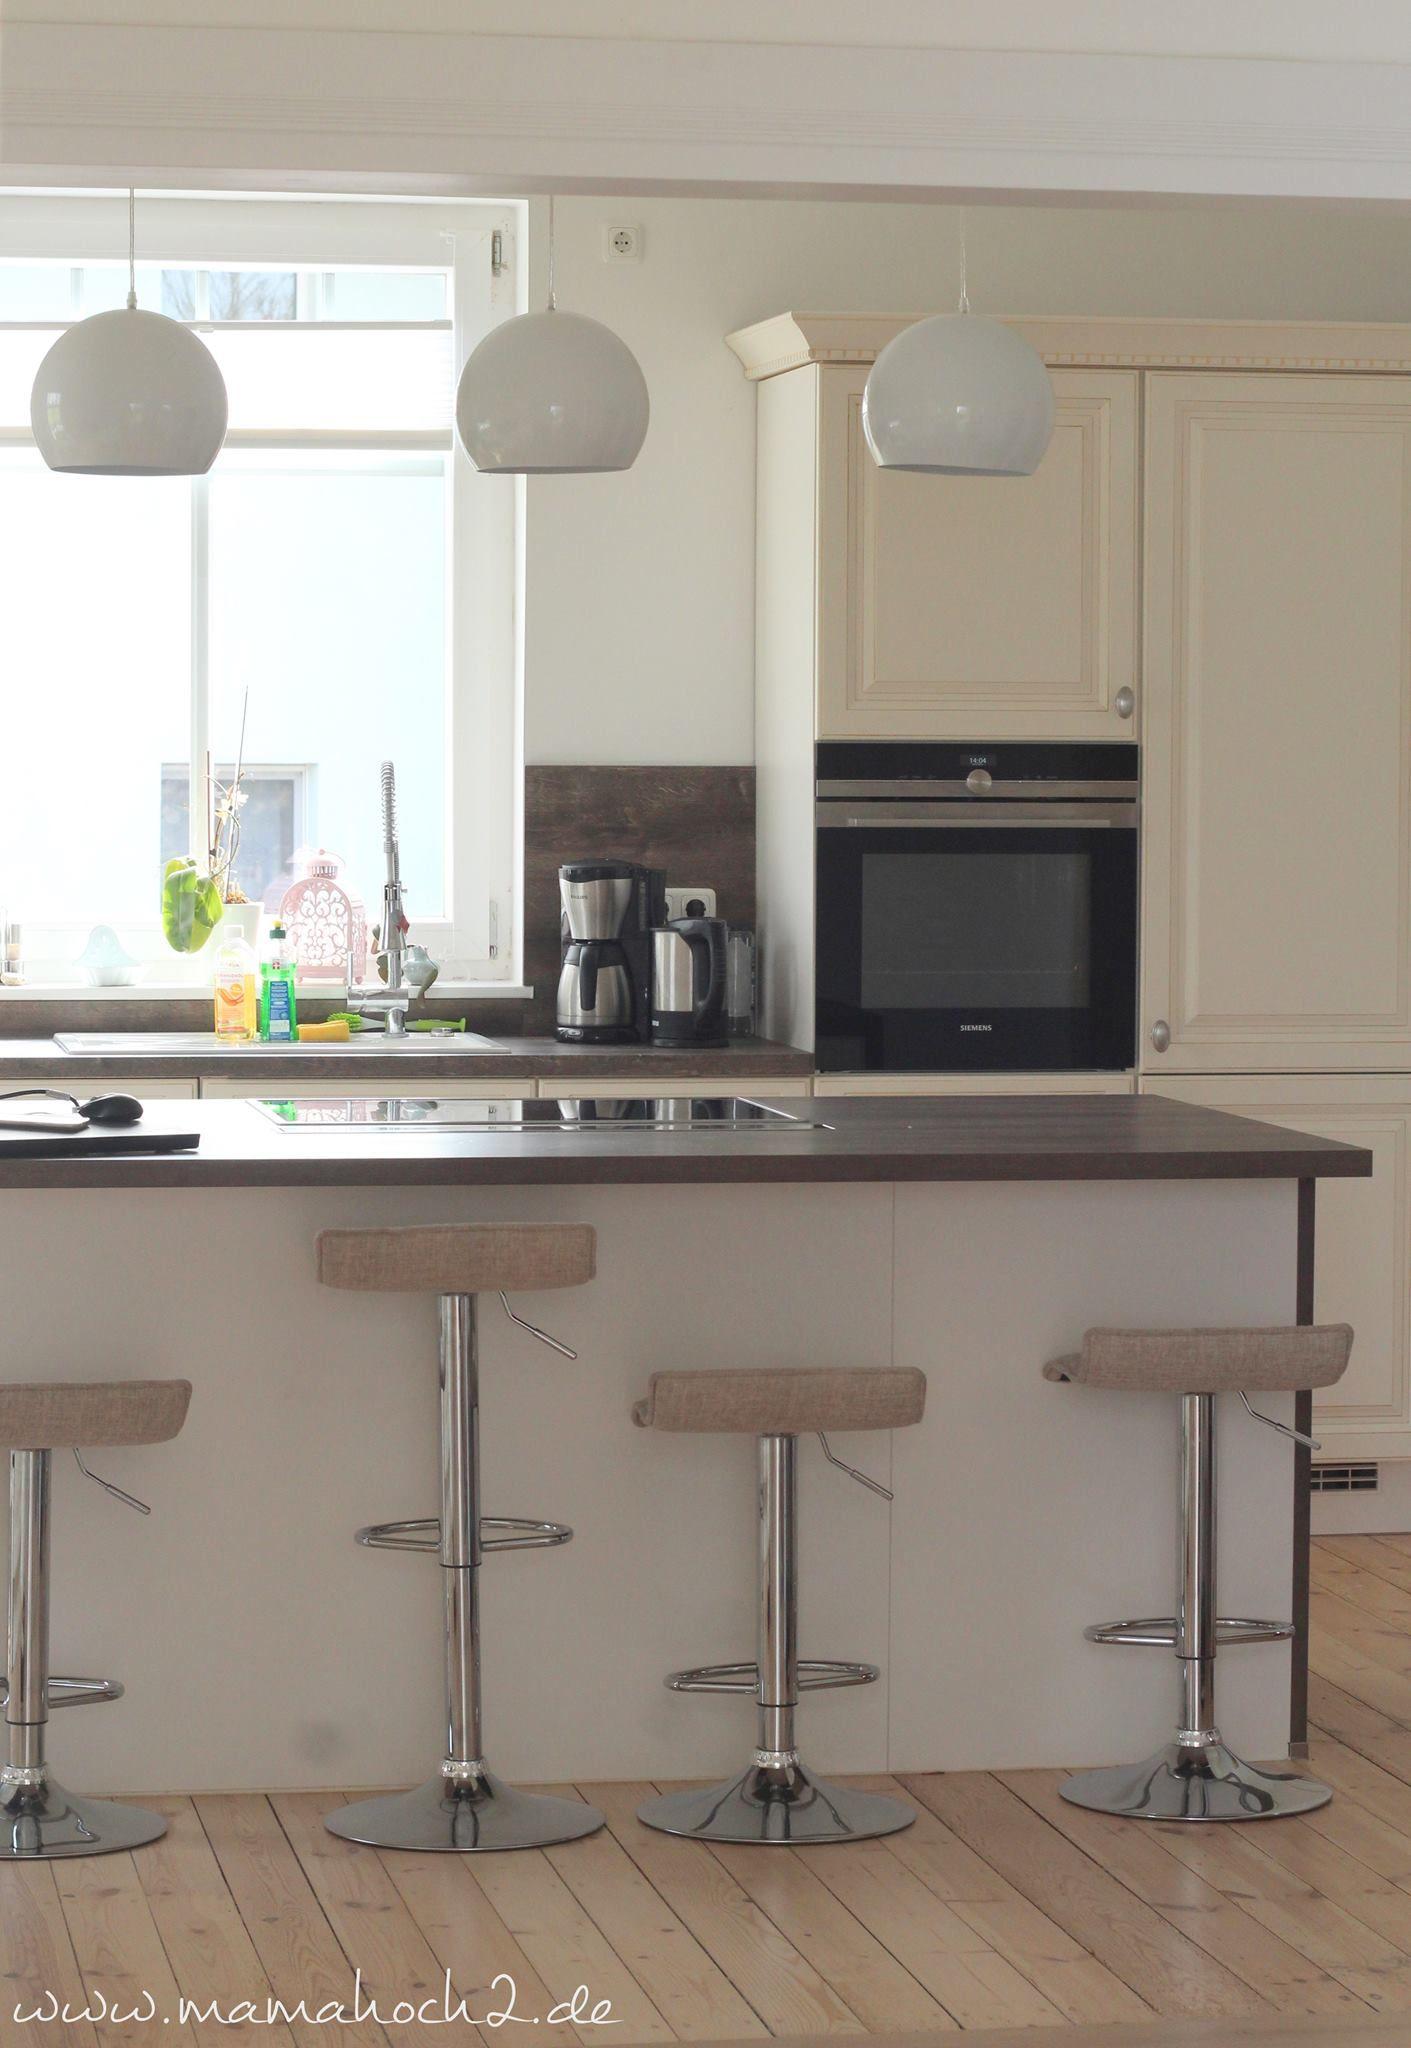 Tolle Familienküche Ideen - Ideen Für Die Küche Dekoration - lazonga ...